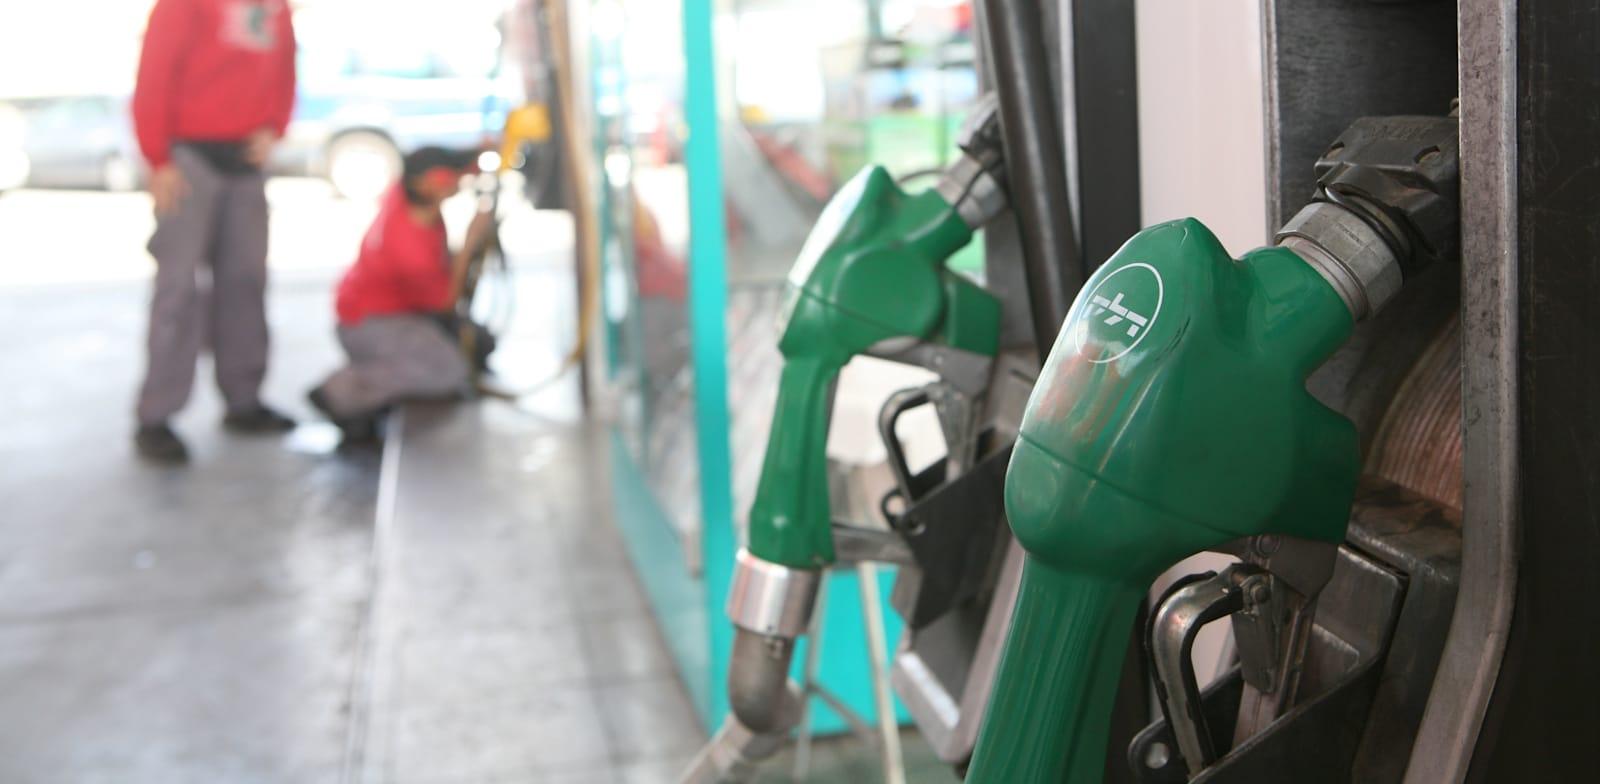 תחנת דלק. הרצון של המדינה ''לבקרה'' יעילה יותר על הוצאות הדלק מעורר זעם בקרב העצמאים / צילום: עינת לברון